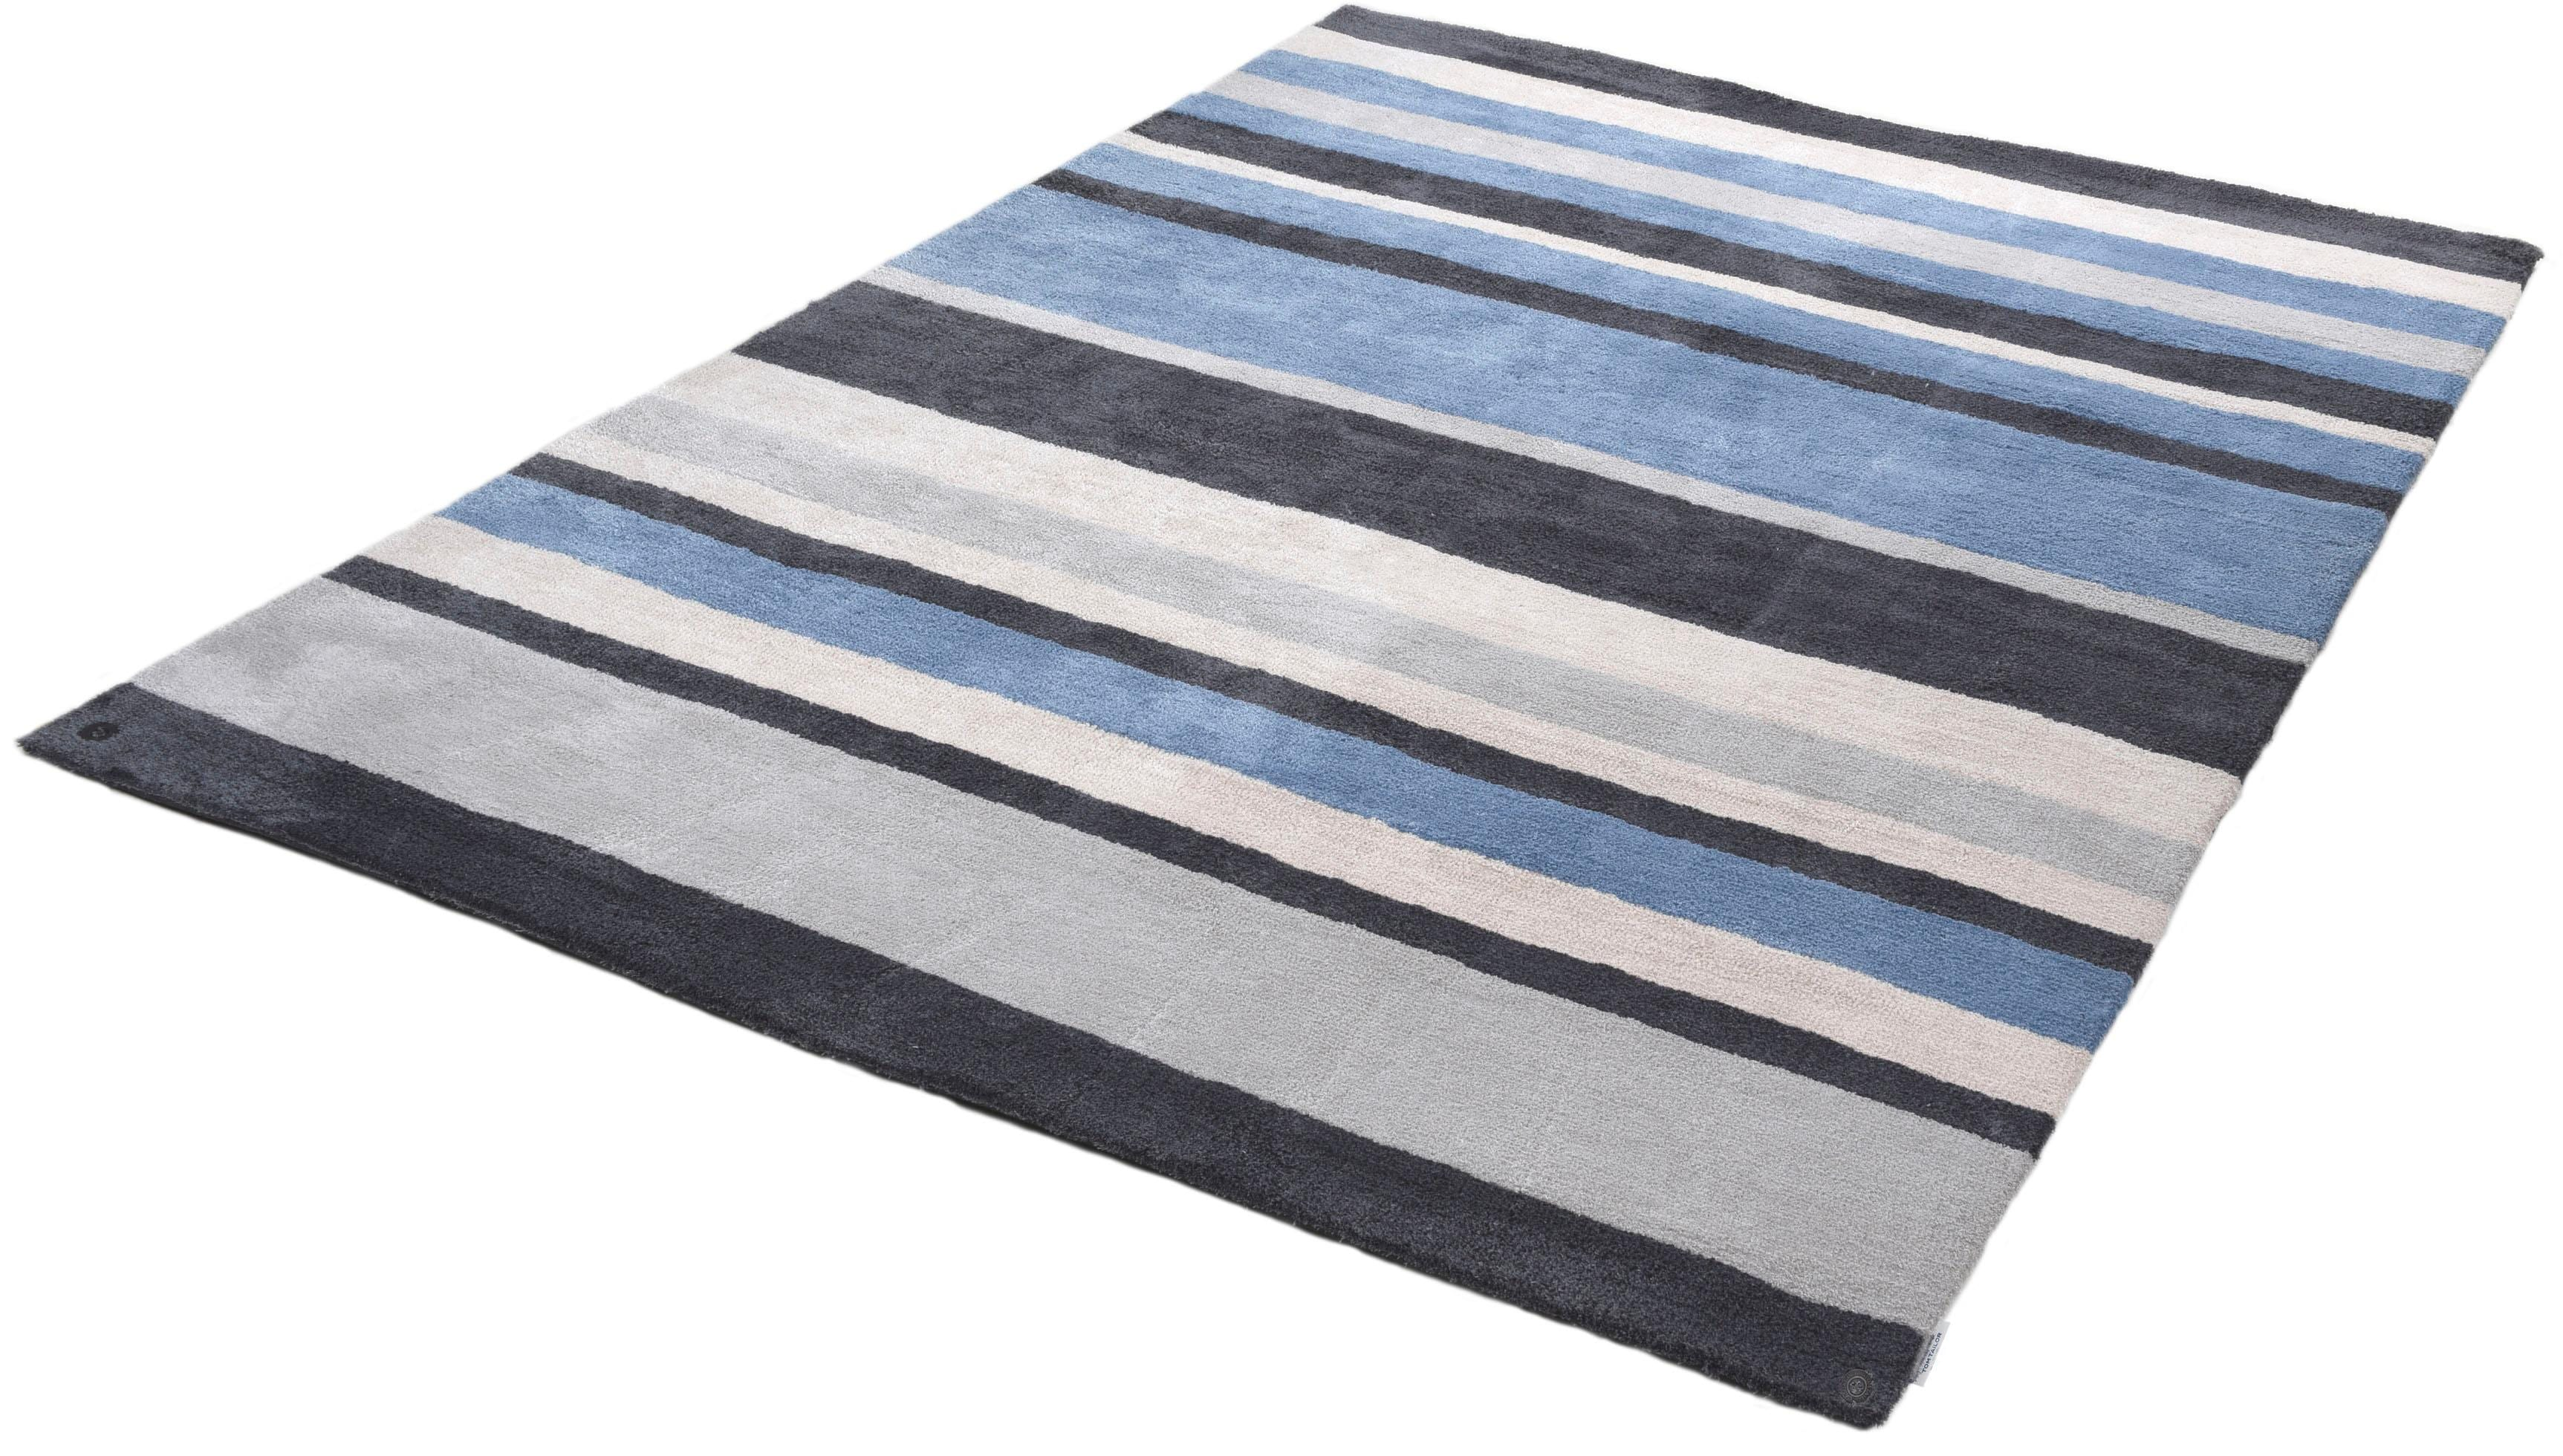 Teppich Powder Fashion TOM TAILOR rechteckig Höhe 12 mm handgetuftet